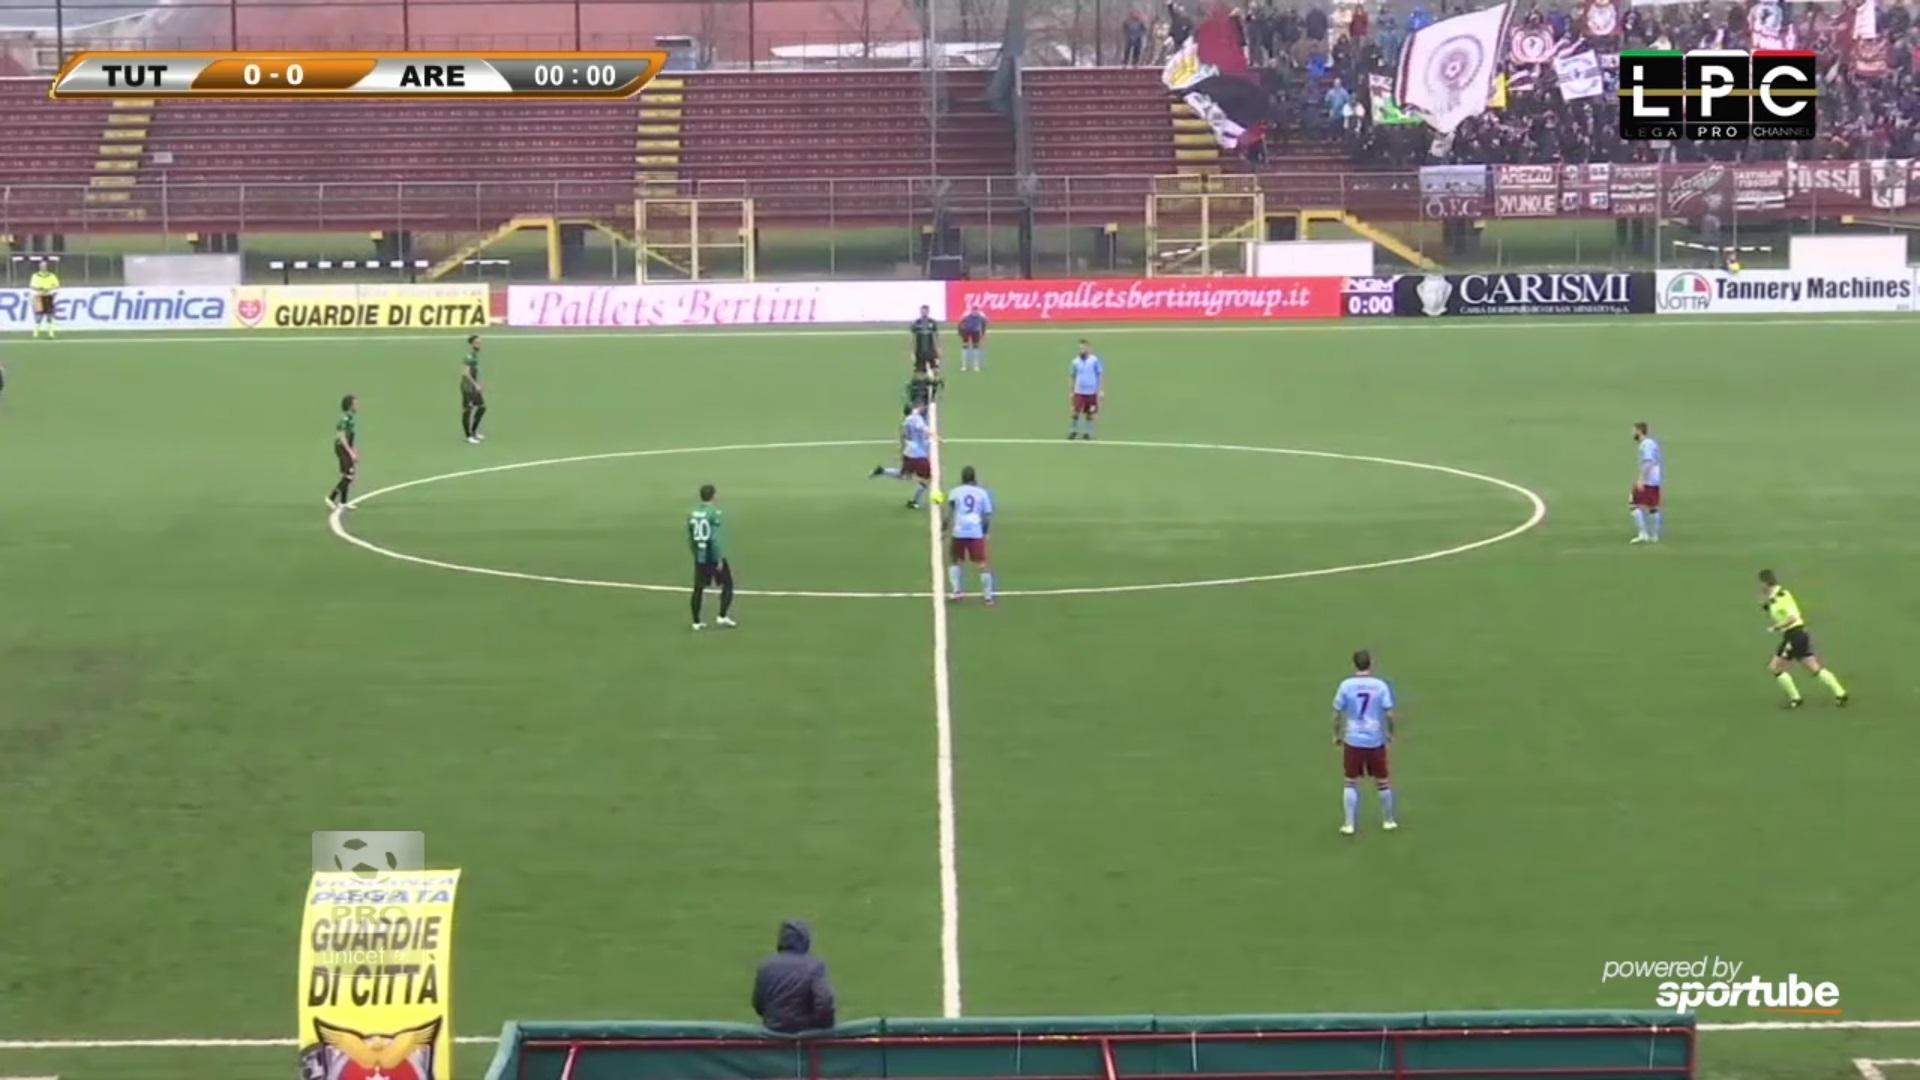 Tuttocuoio-Padova Sportube: streaming diretta live gratis Coppa Italia Lega Pro